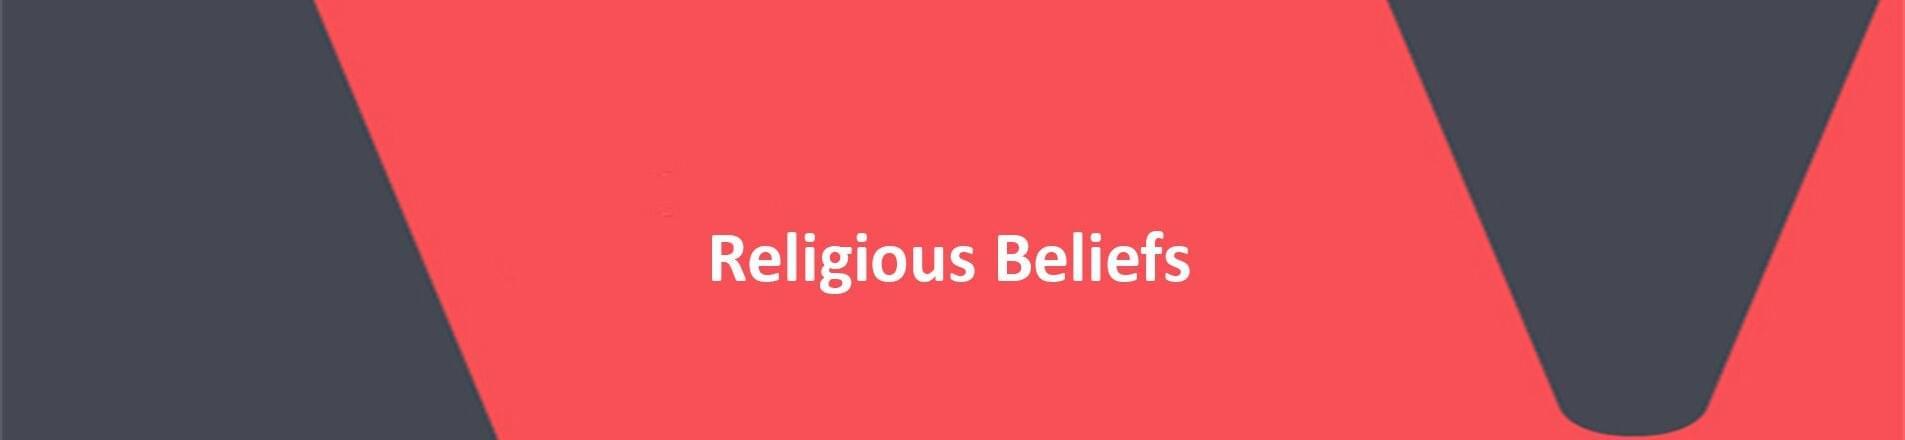 Religious Beliefs.